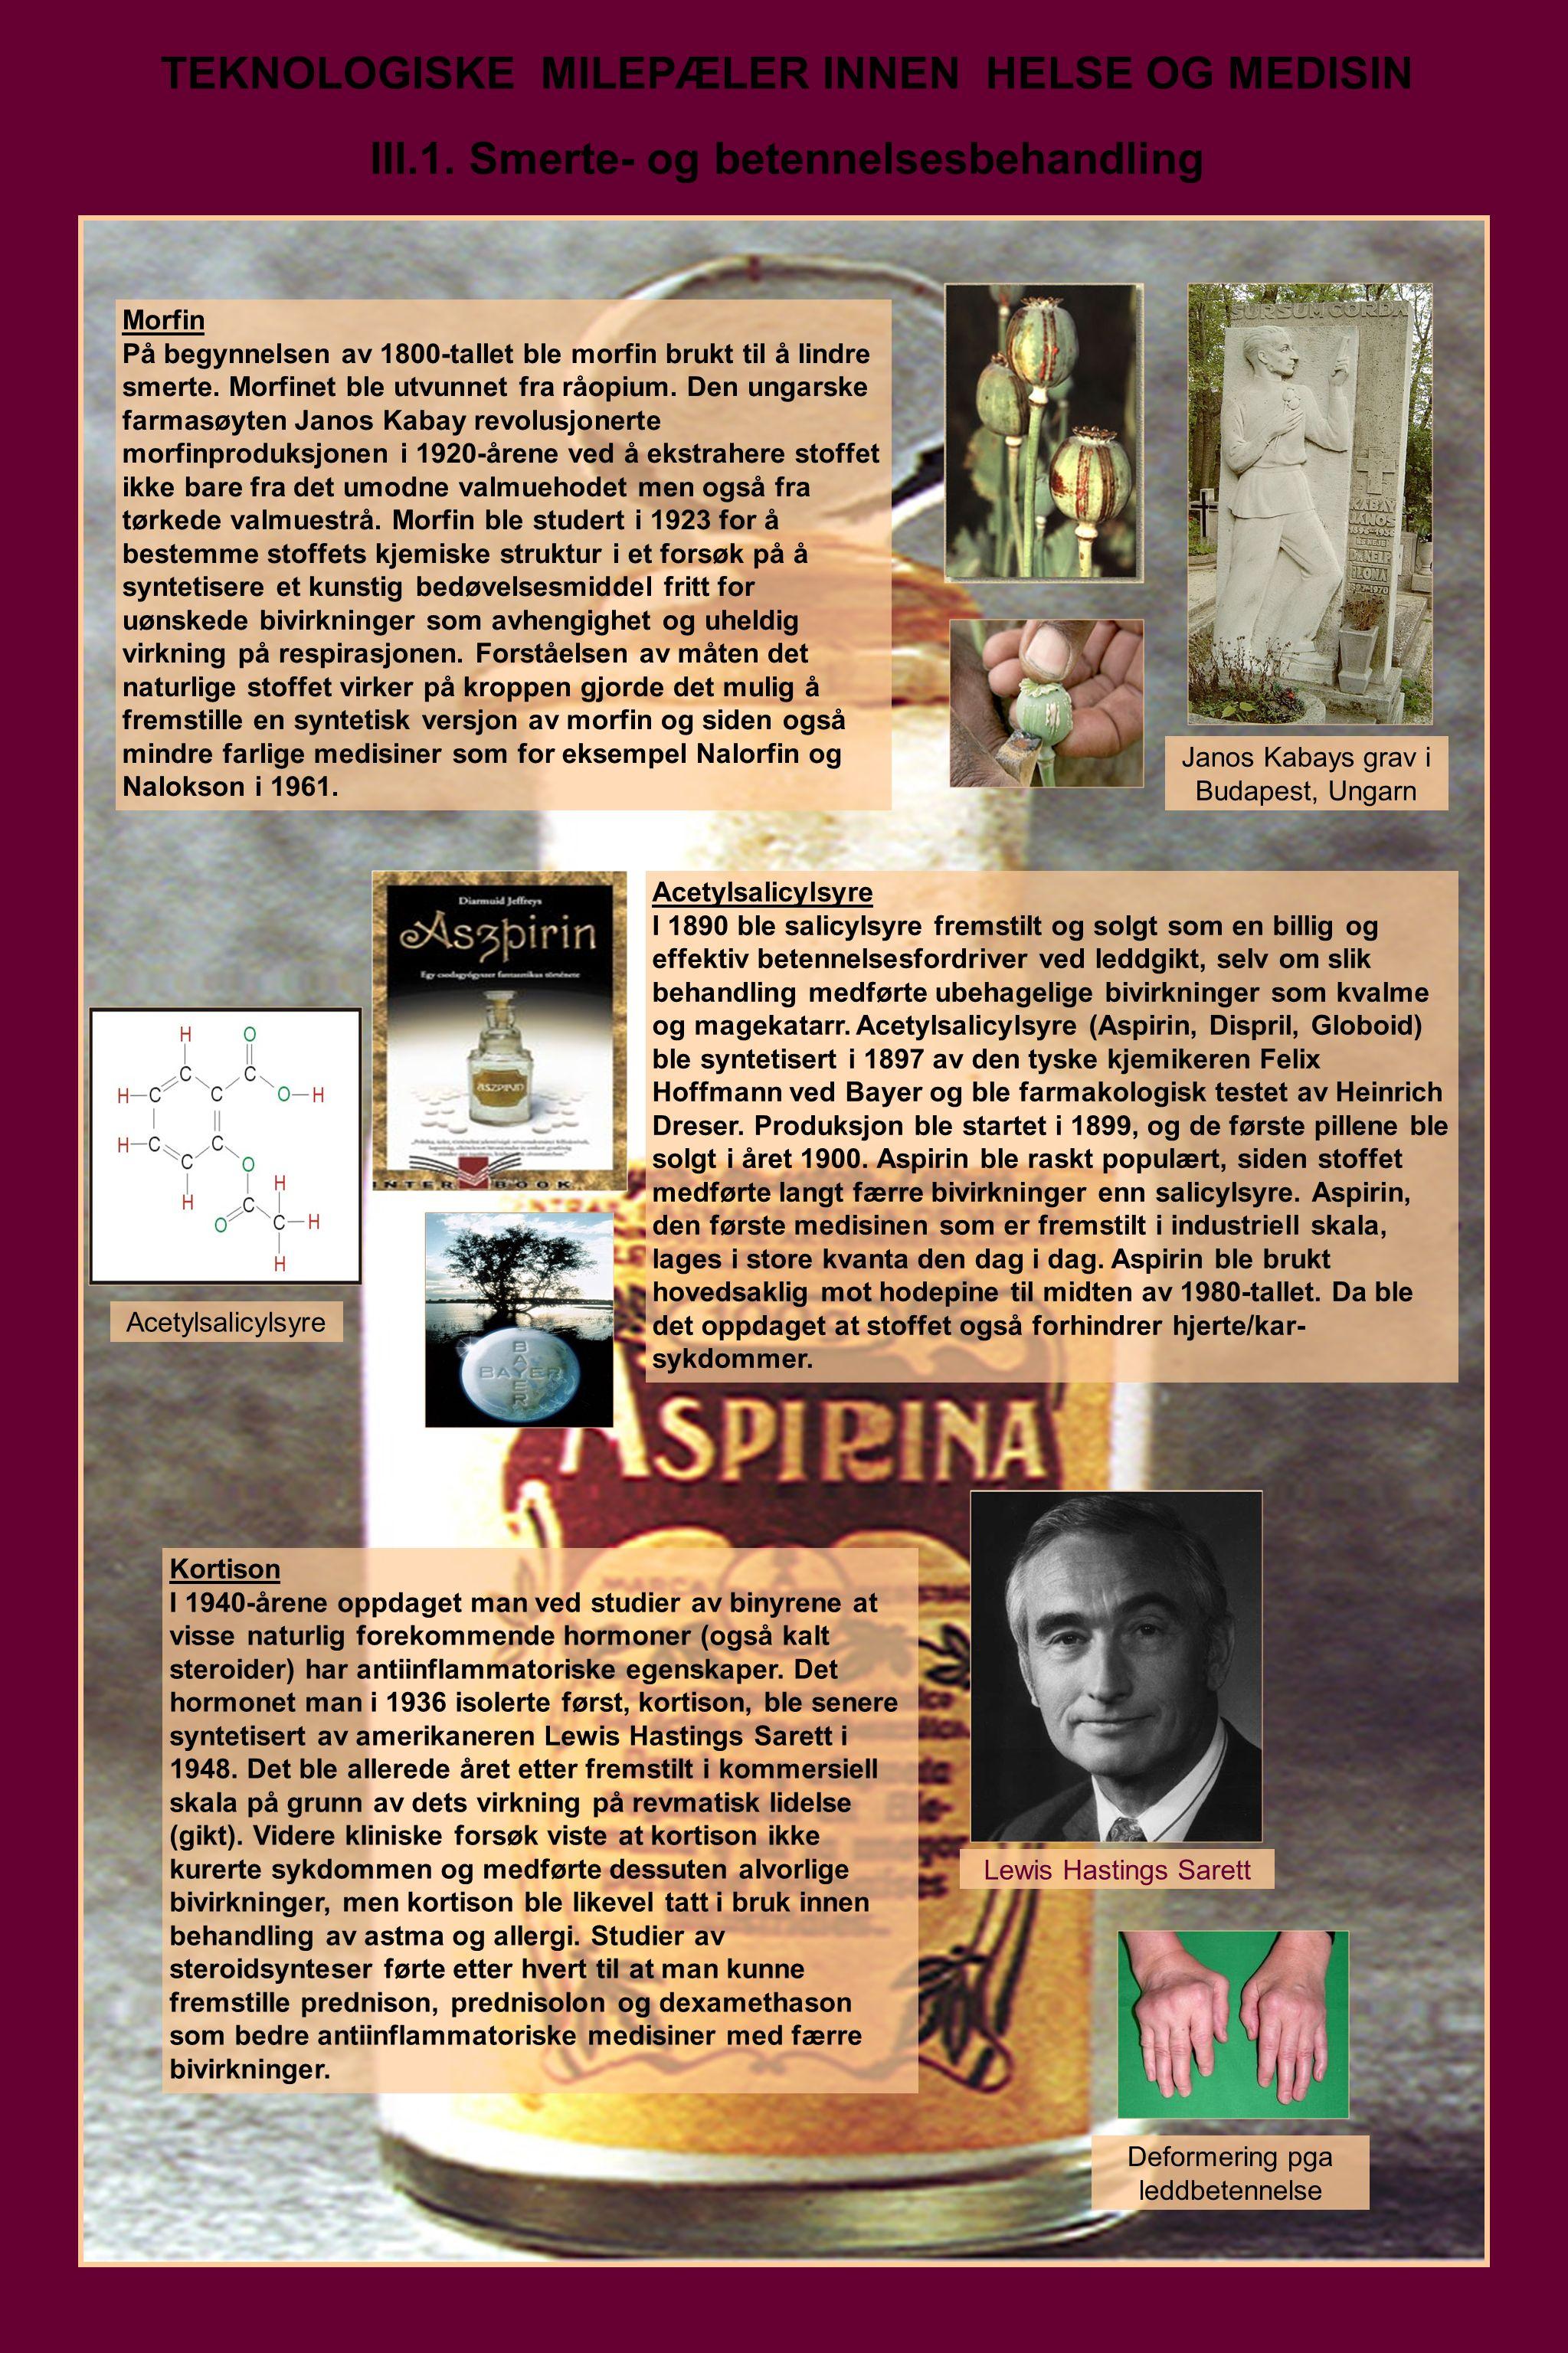 TEKNOLOGISKE MILEPÆLER INNEN HELSE OG MEDISIN III.1. Smerte- og betennelsesbehandling Morfin På begynnelsen av 1800-tallet ble morfin brukt til å lind